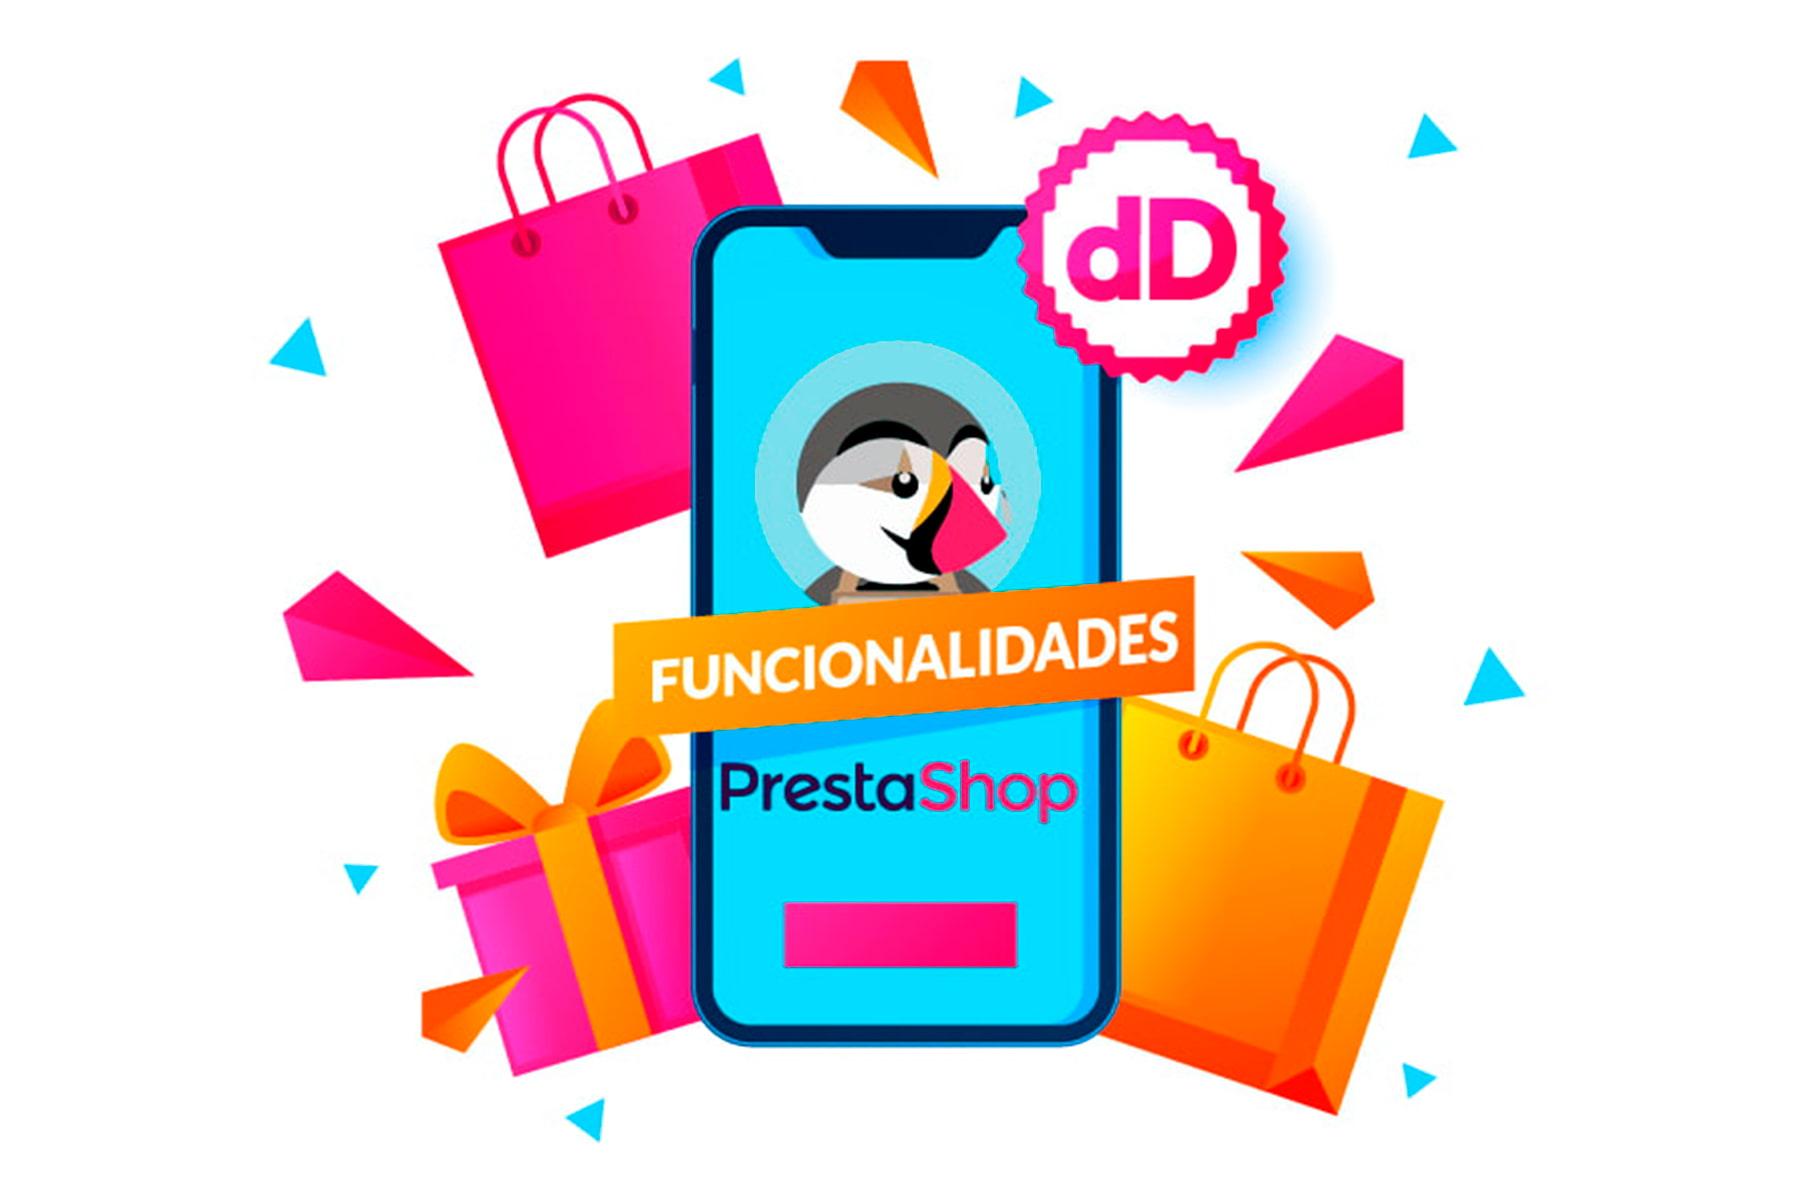 Ventajas de tener una tienda online con PrestaShop